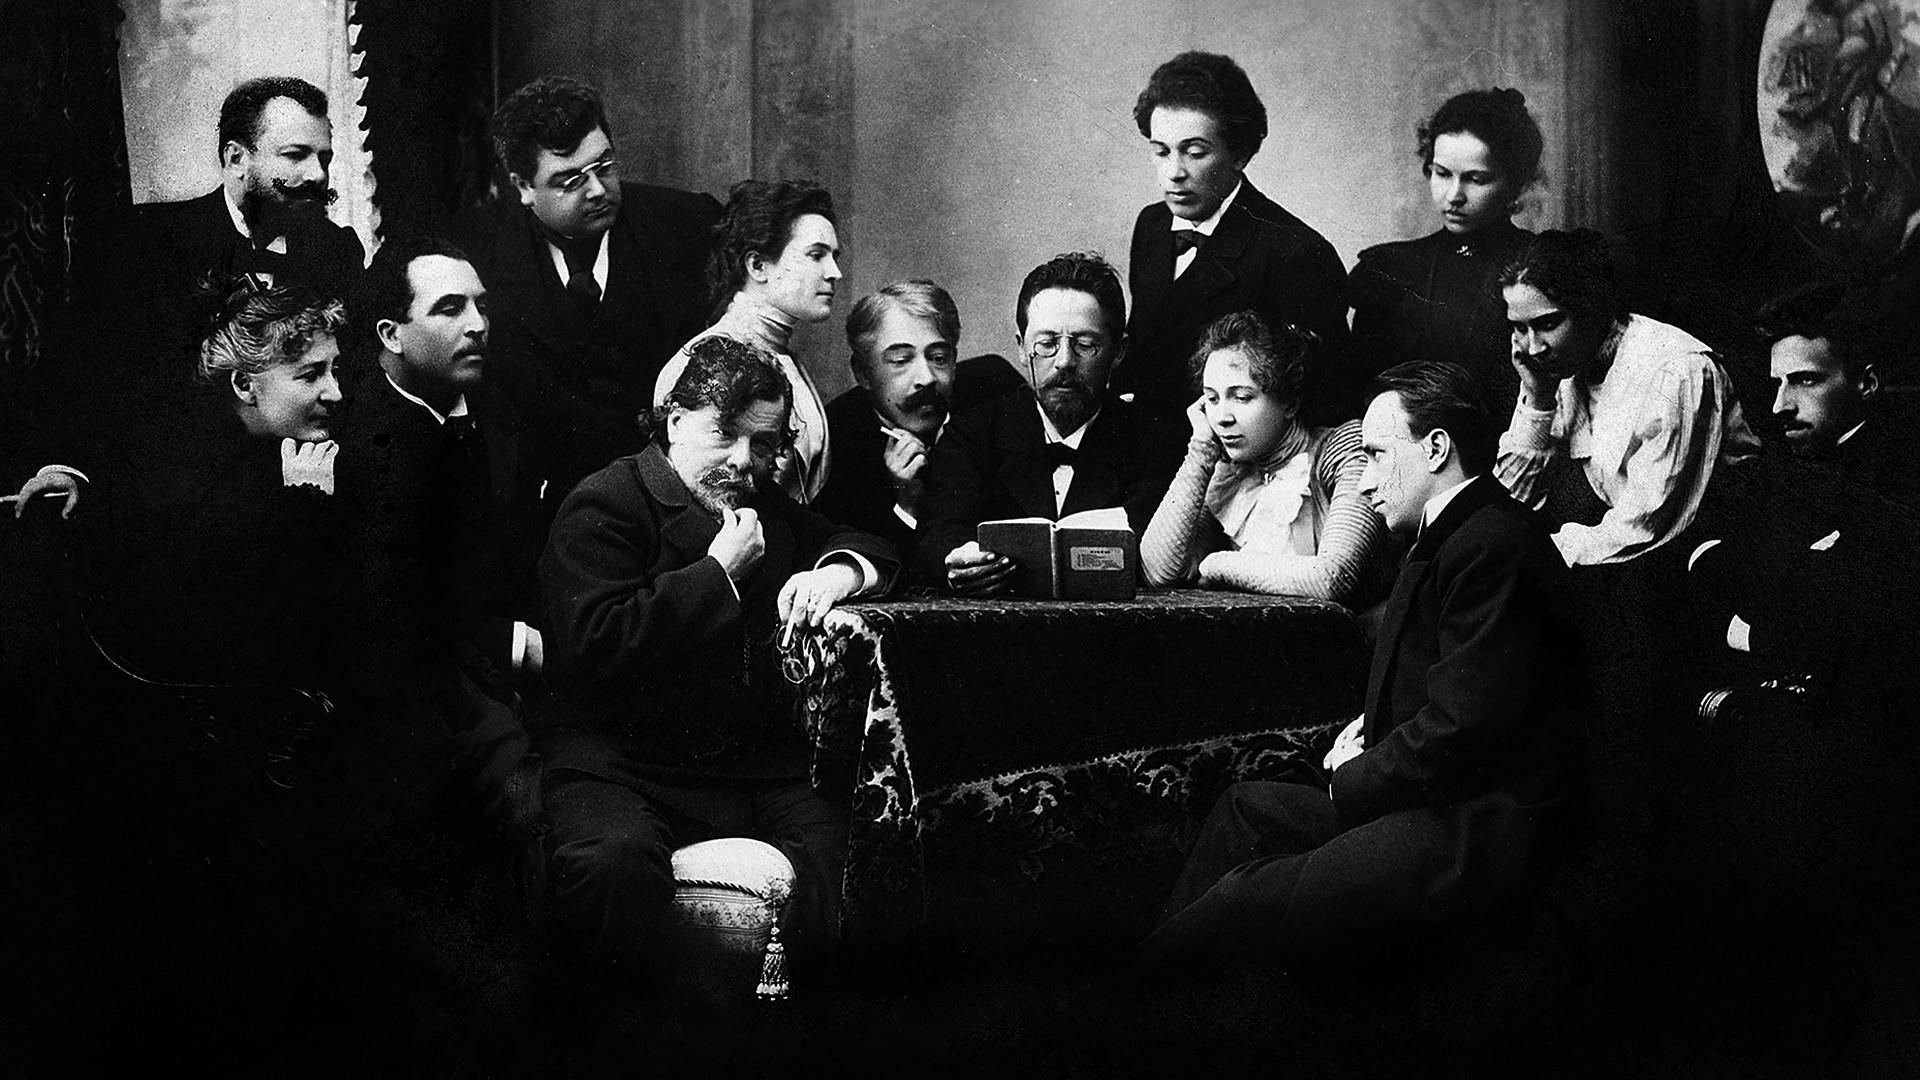 モスクワ芸術座の劇団に『かもめ』を読み聞かすアントン・チェーホフ(中央)。